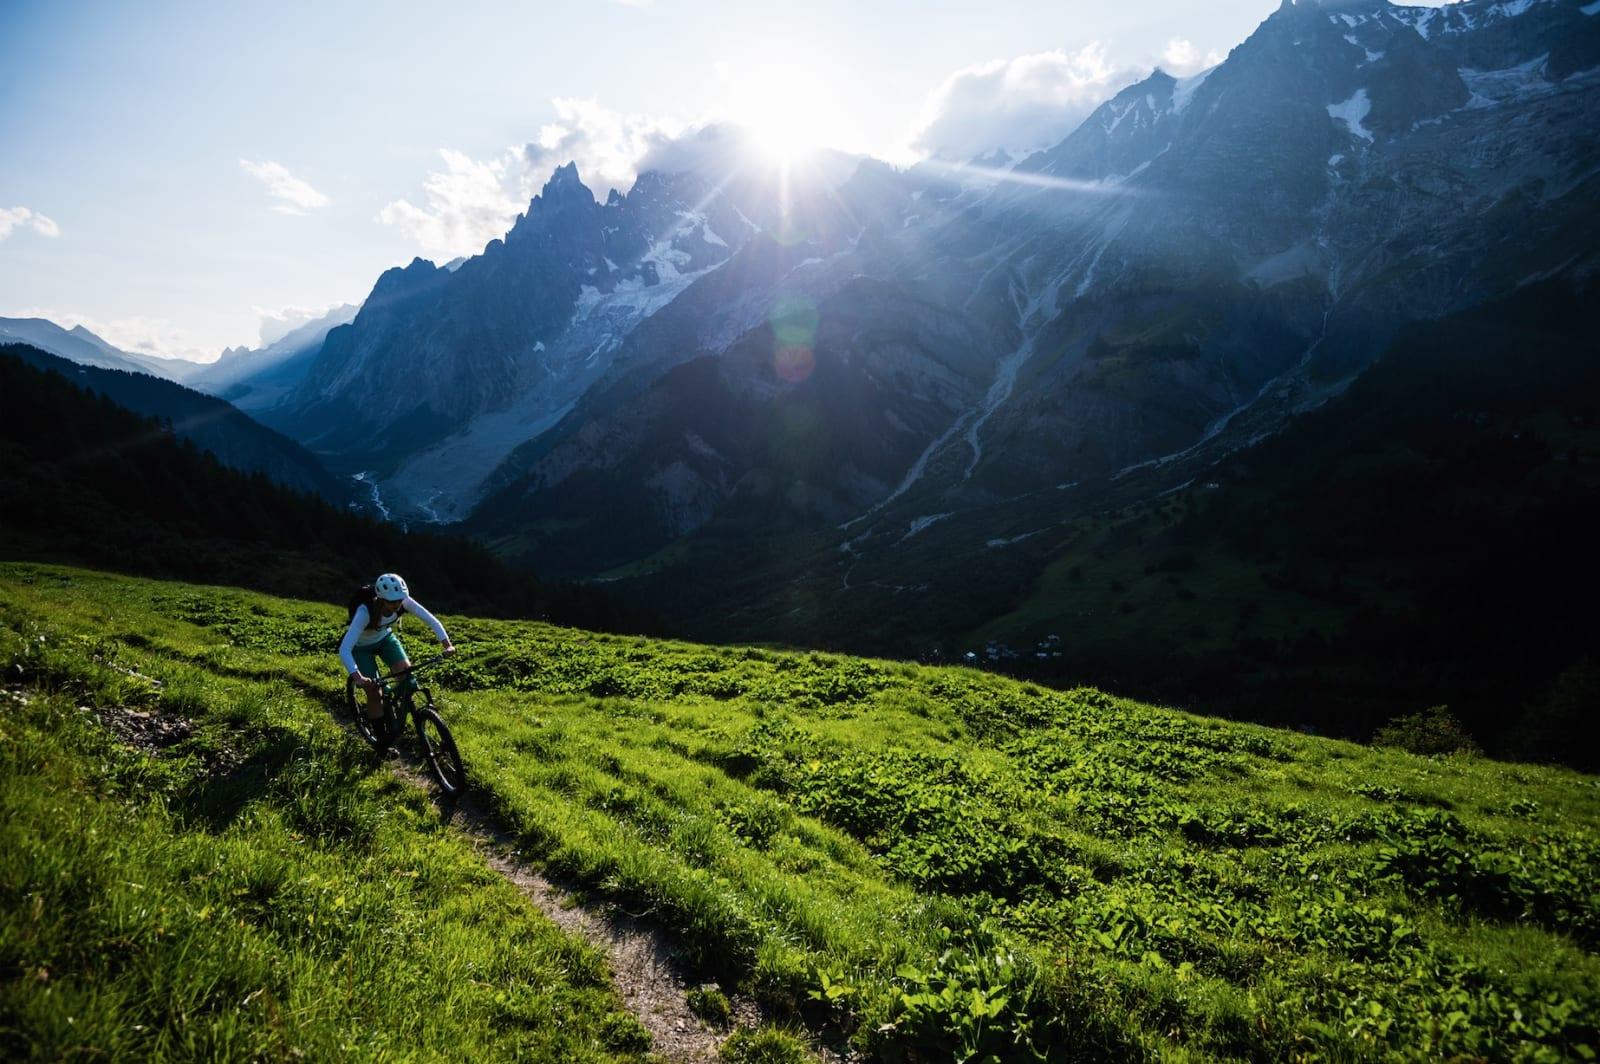 SYKKEL: Stisykling nedover Tour du Mont Blanc i Val Ferret. Solen holder på å gå ned bak Mont Blanc.